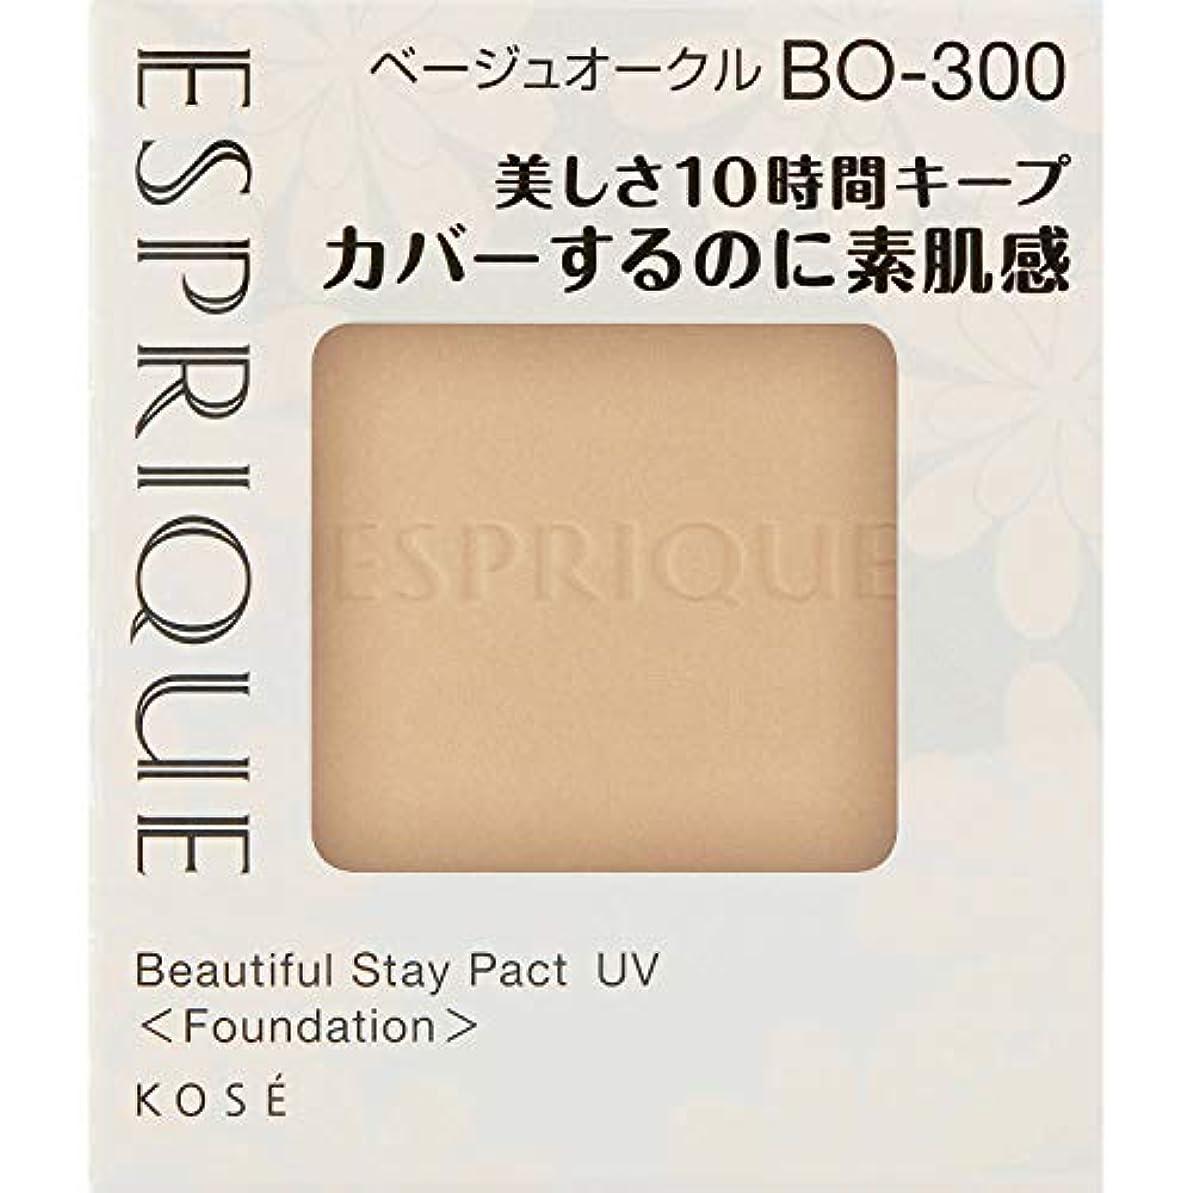 エスプリーク カバーするのに素肌感持続 パクト UV BO-300 ベージュオークル 9.3g